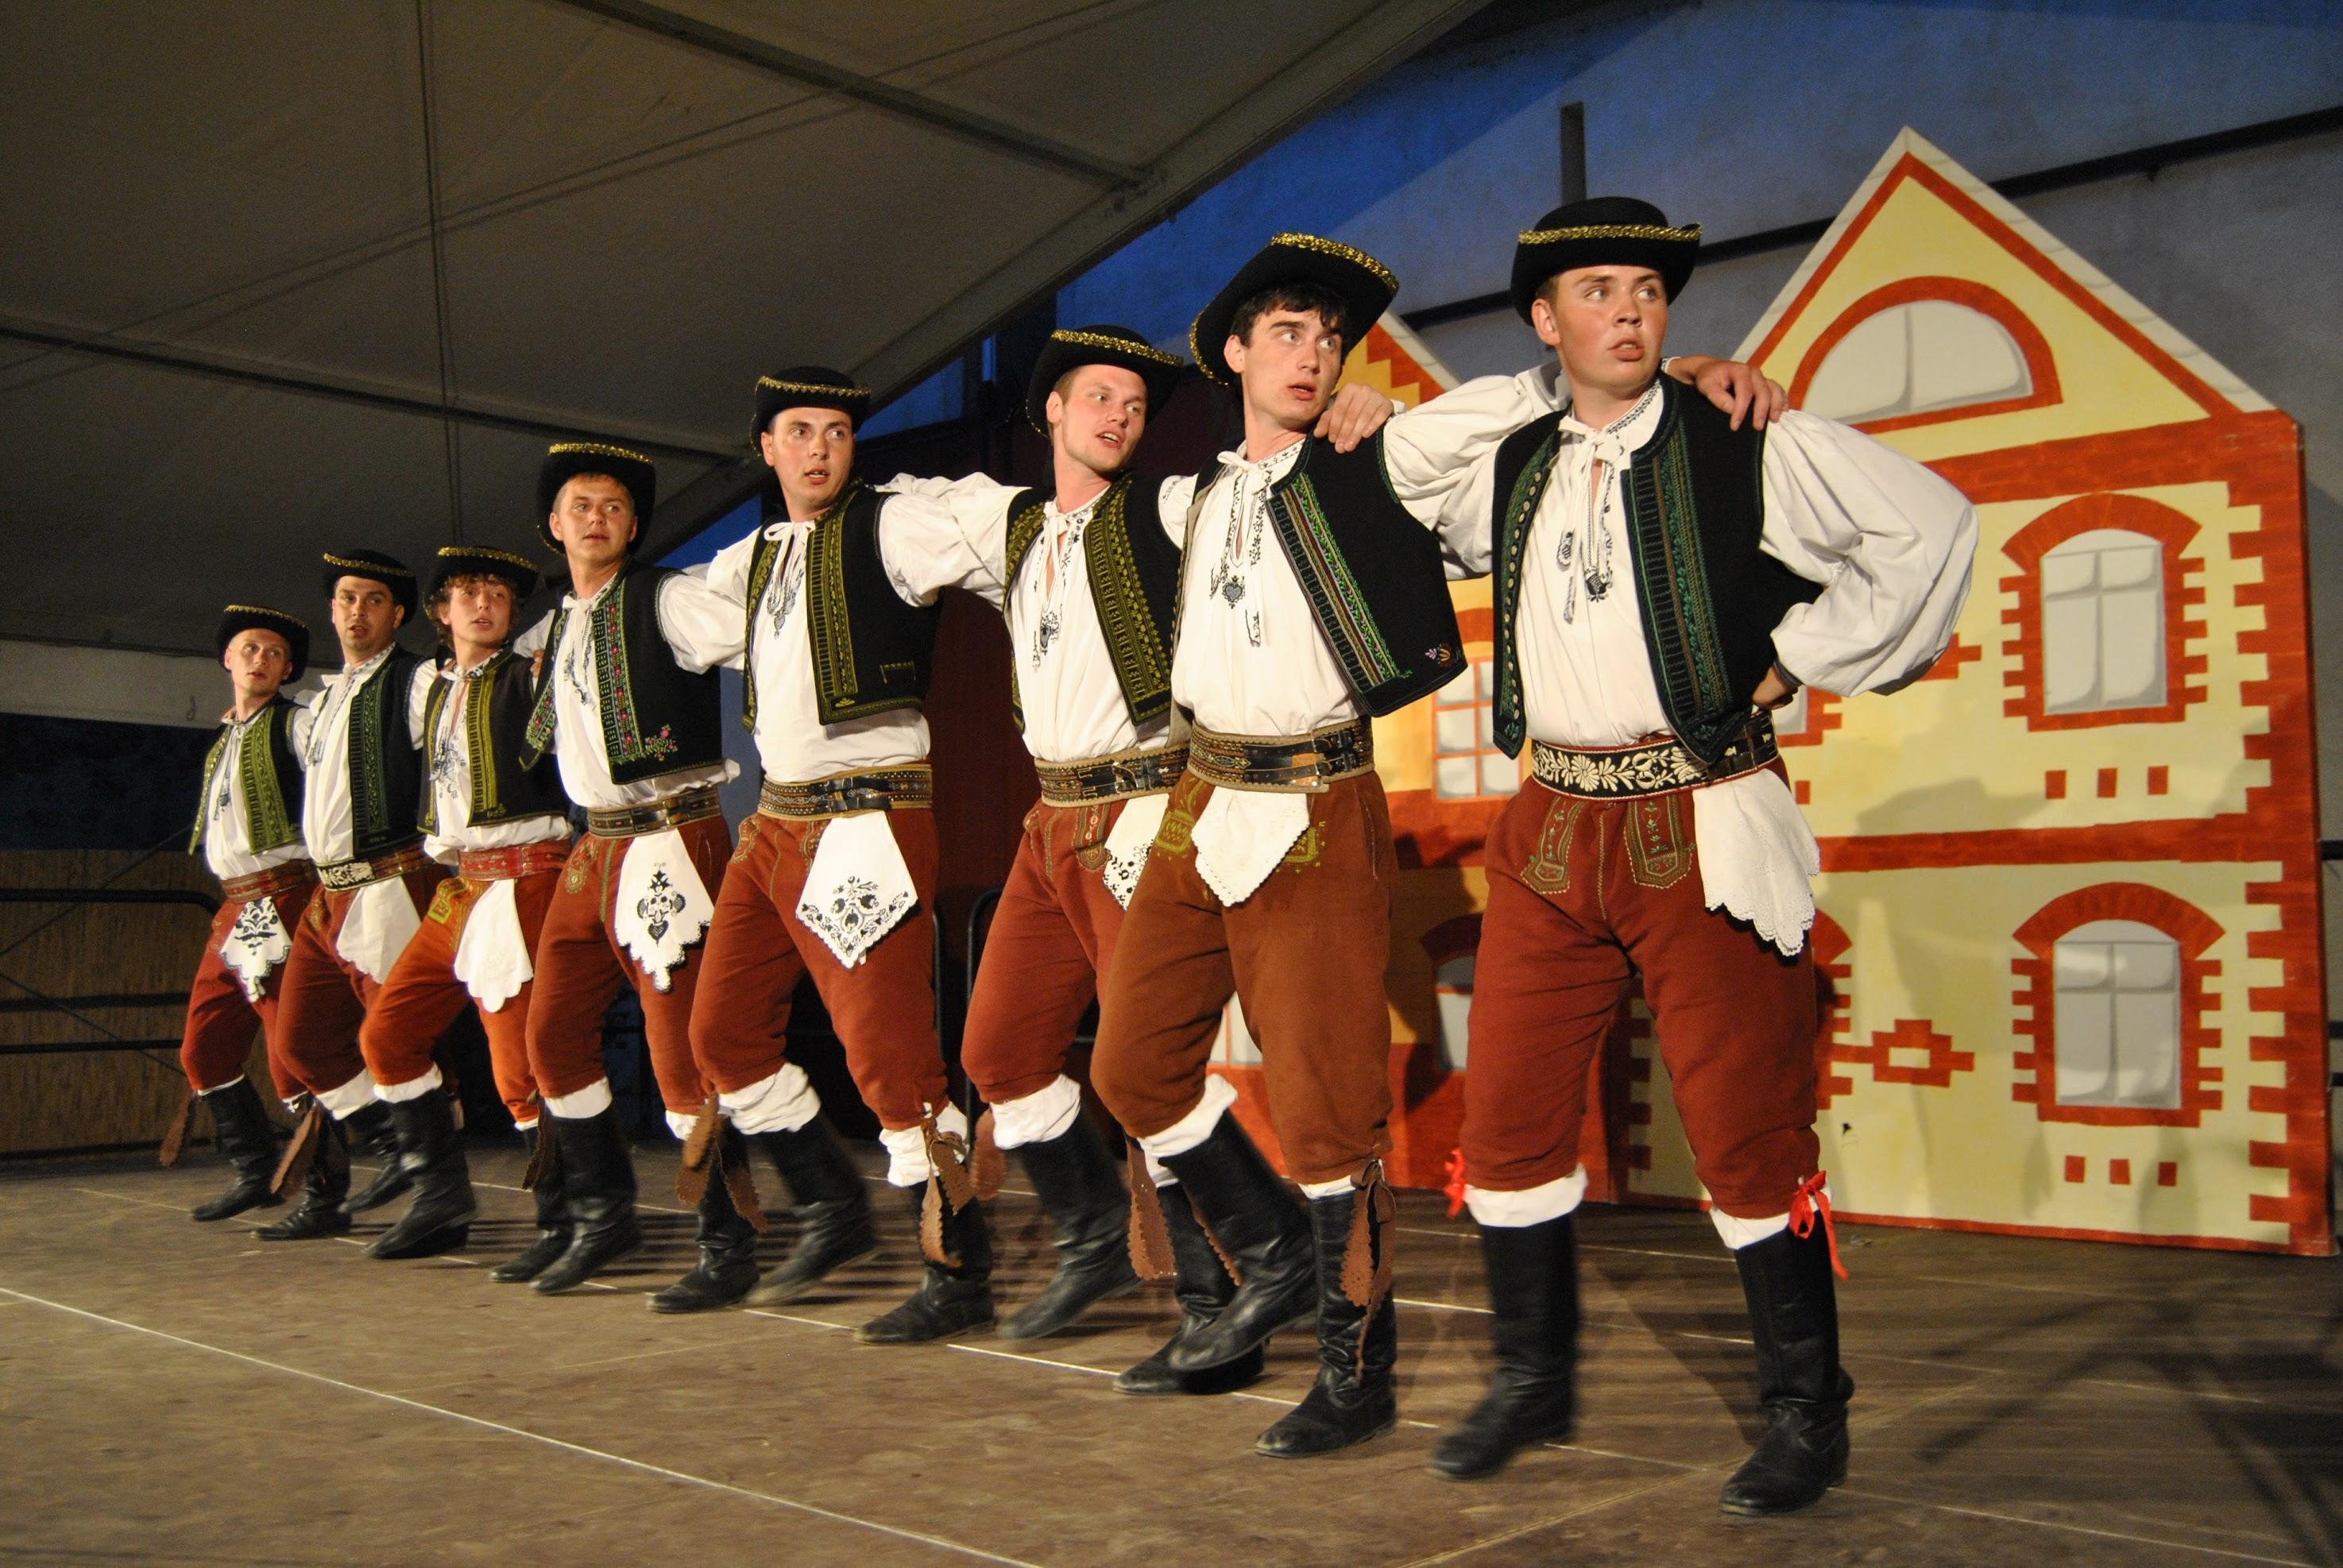 Mezinárodní folklórní festival Lužica